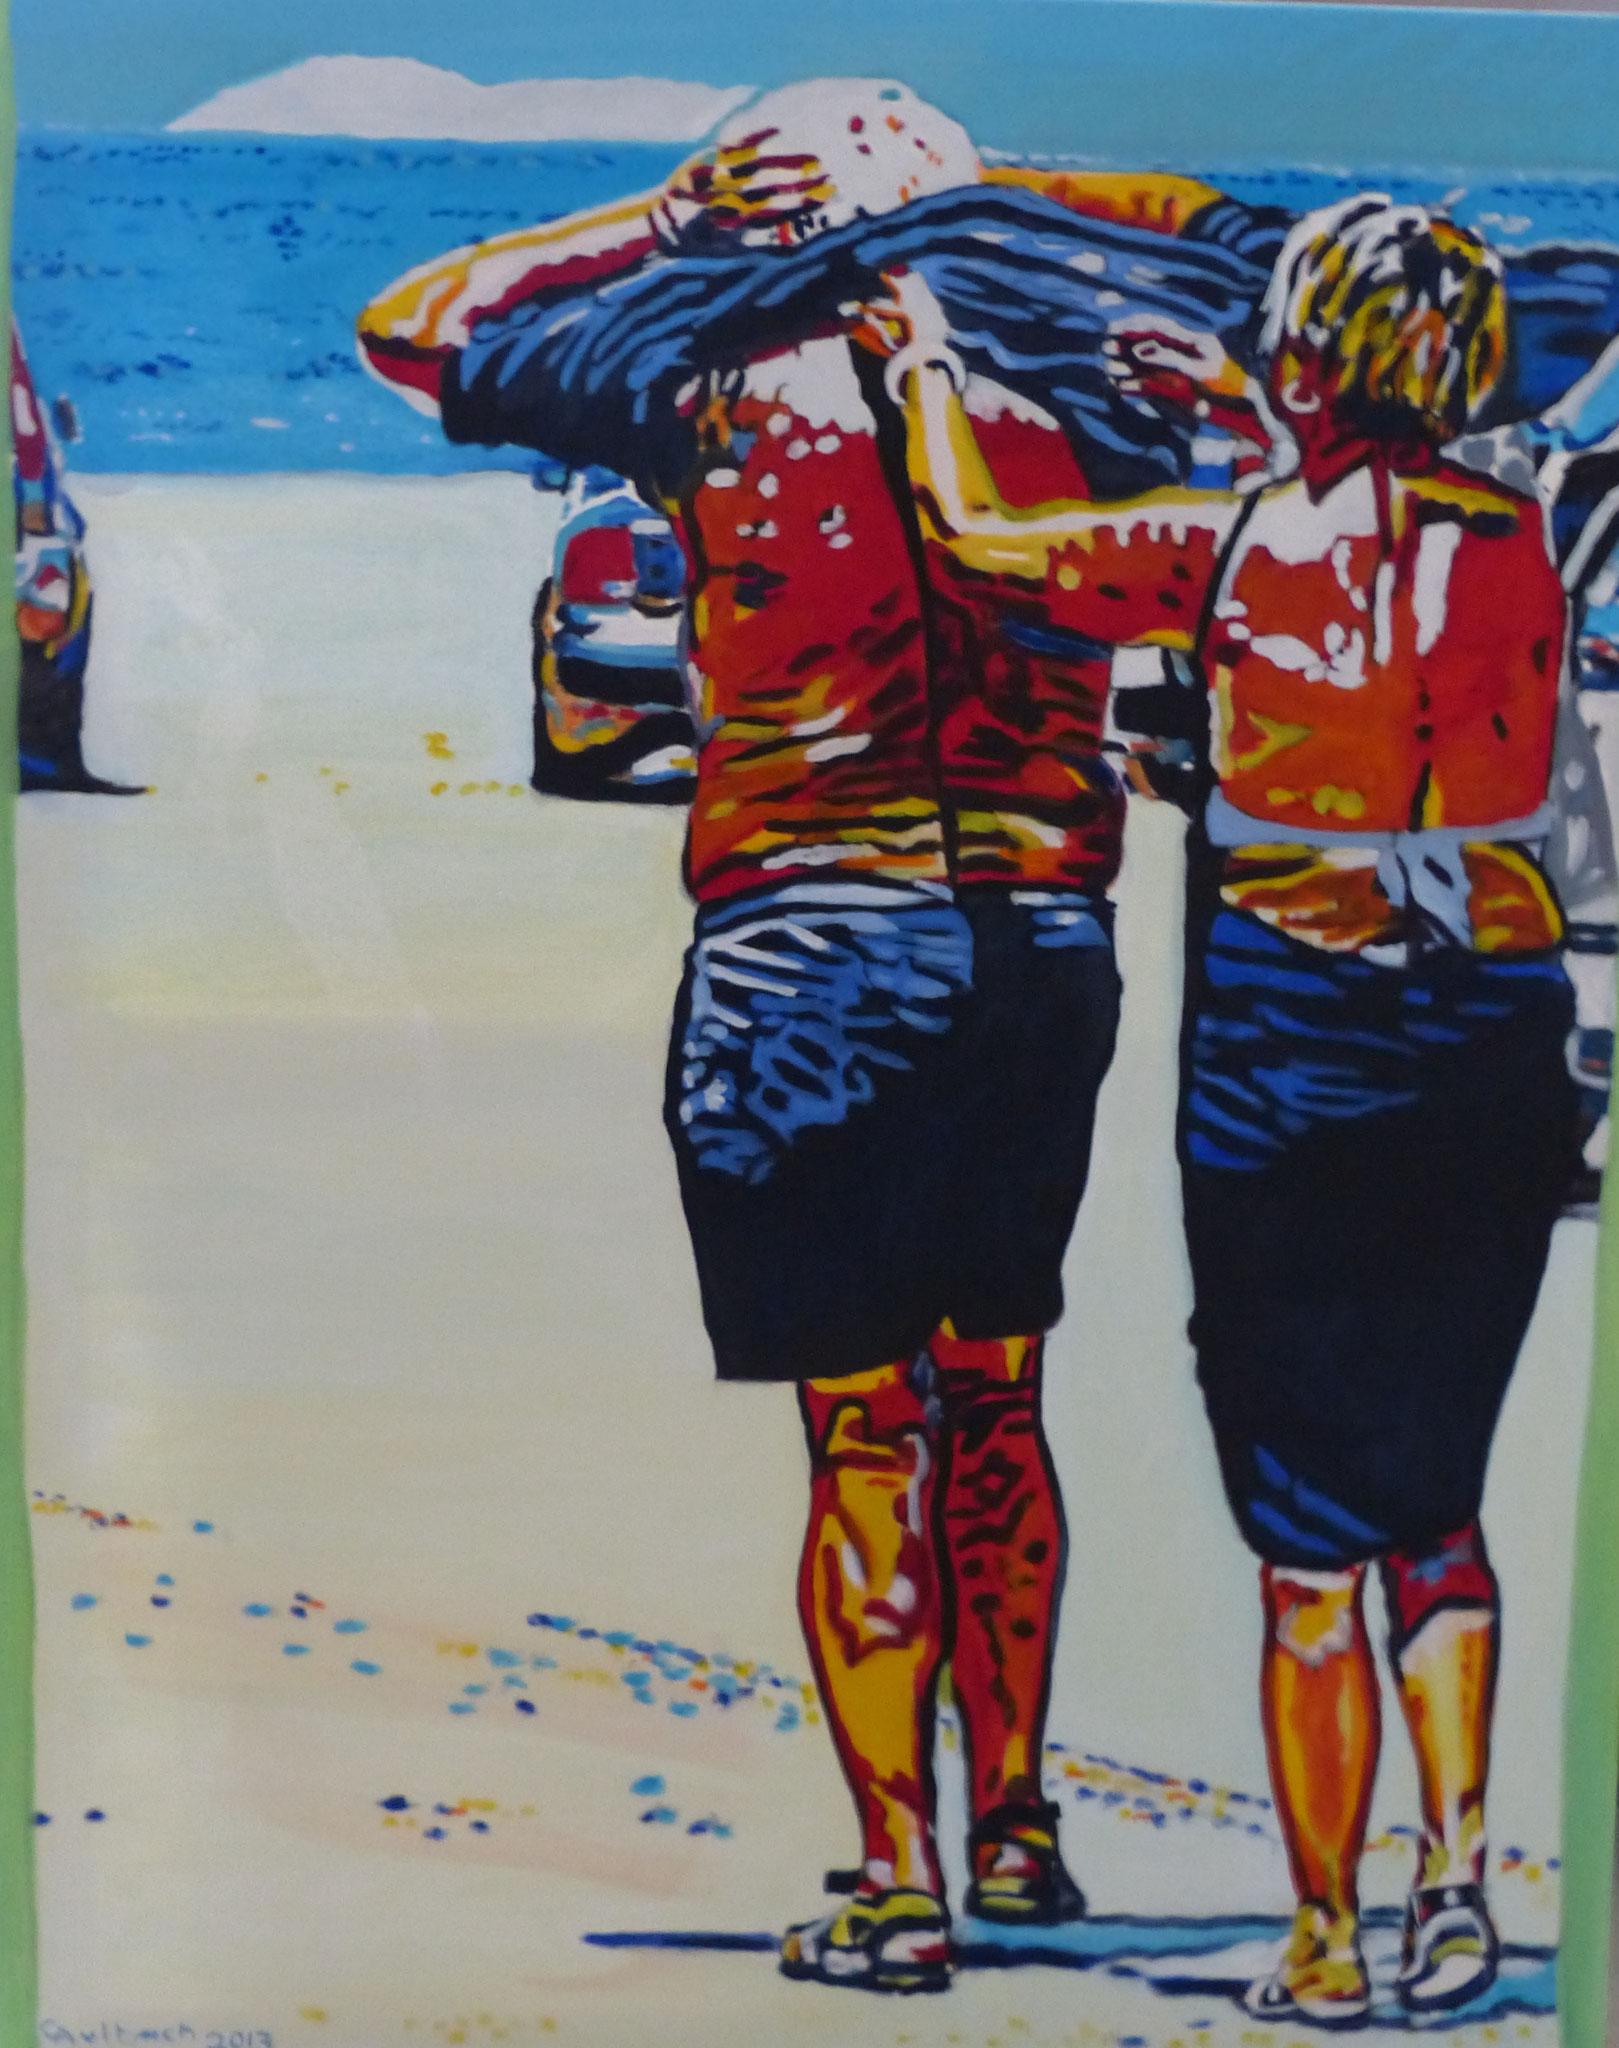 Ugly tourists III, 2013, 100 x 80cm, Öl auf Leinwand